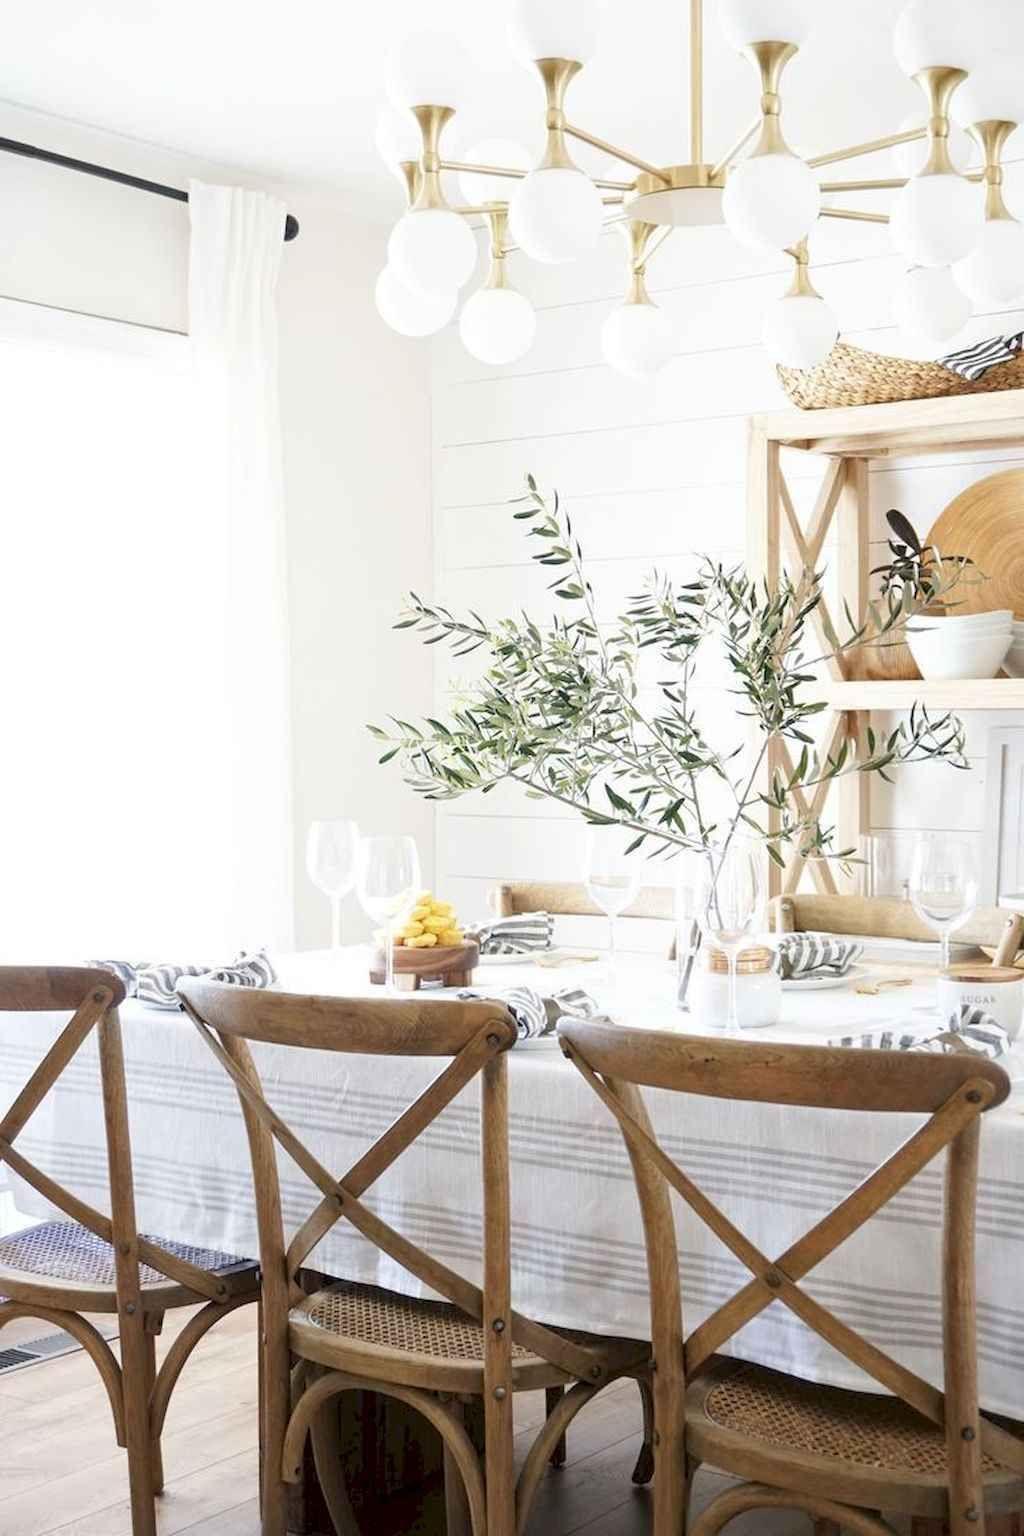 60 Farmhouse Style Dining Room Table and Decor Ideas